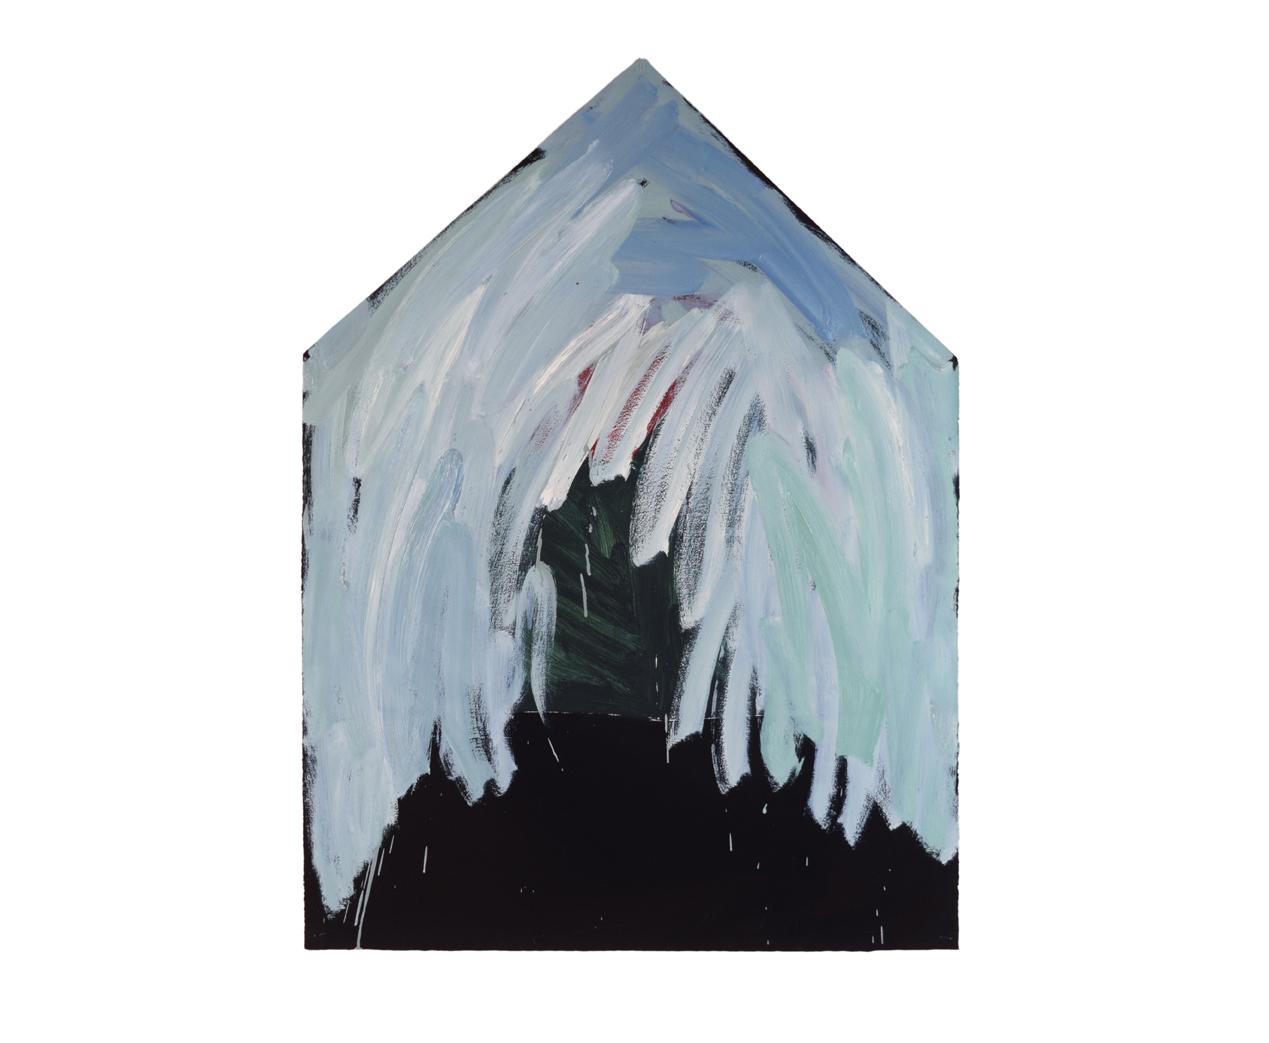 """Einzelhaus weiss übermalt"""" 1981, Öl auf Papier, 106 x 79 cm - Foto Hadler/Stur"""